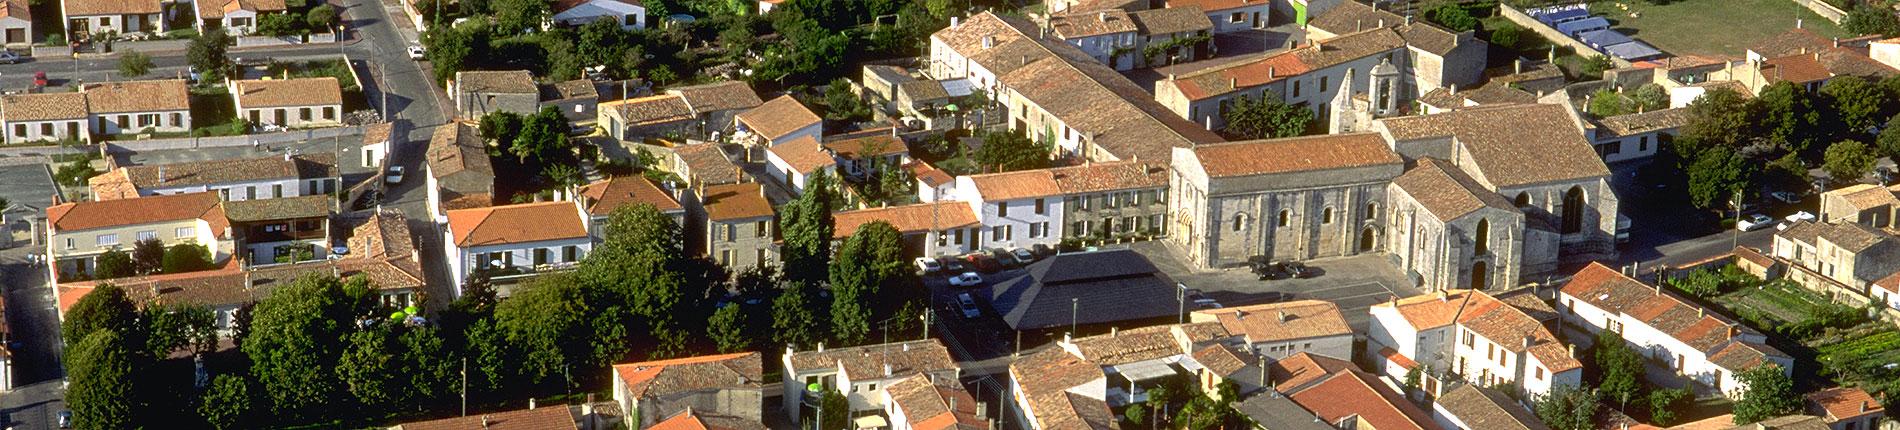 Village historique, St Georges, Oléron